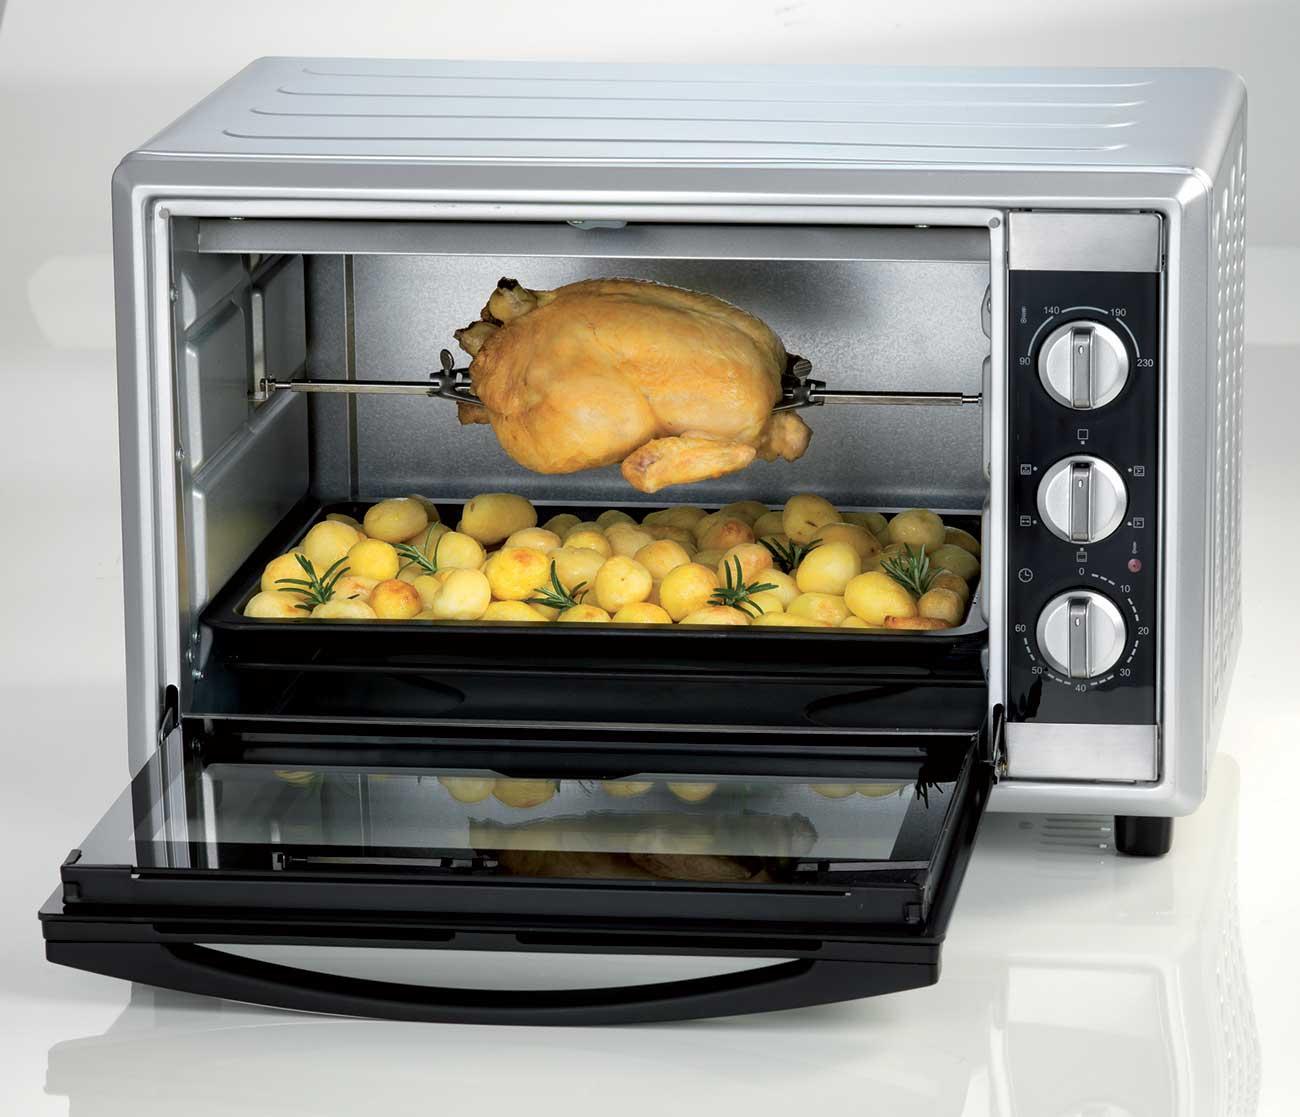 Bon cuisine 450 ariete - Forno elettrico con microonde ...